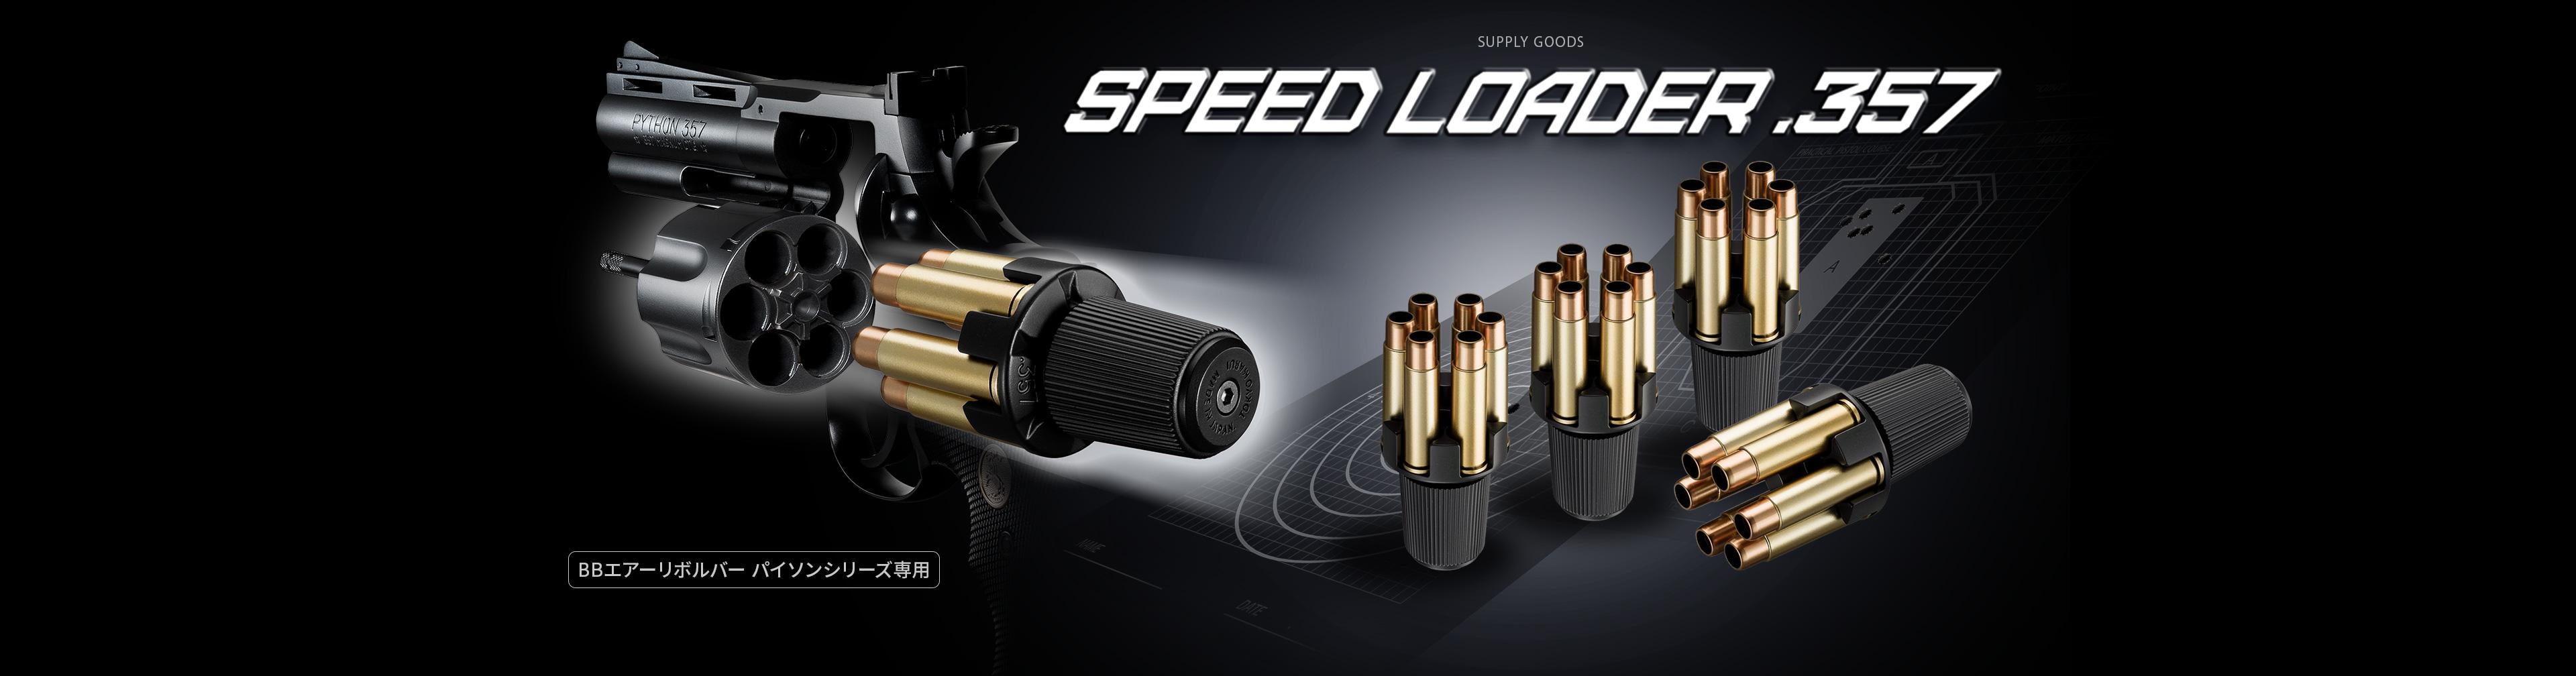 スピードローダー .357